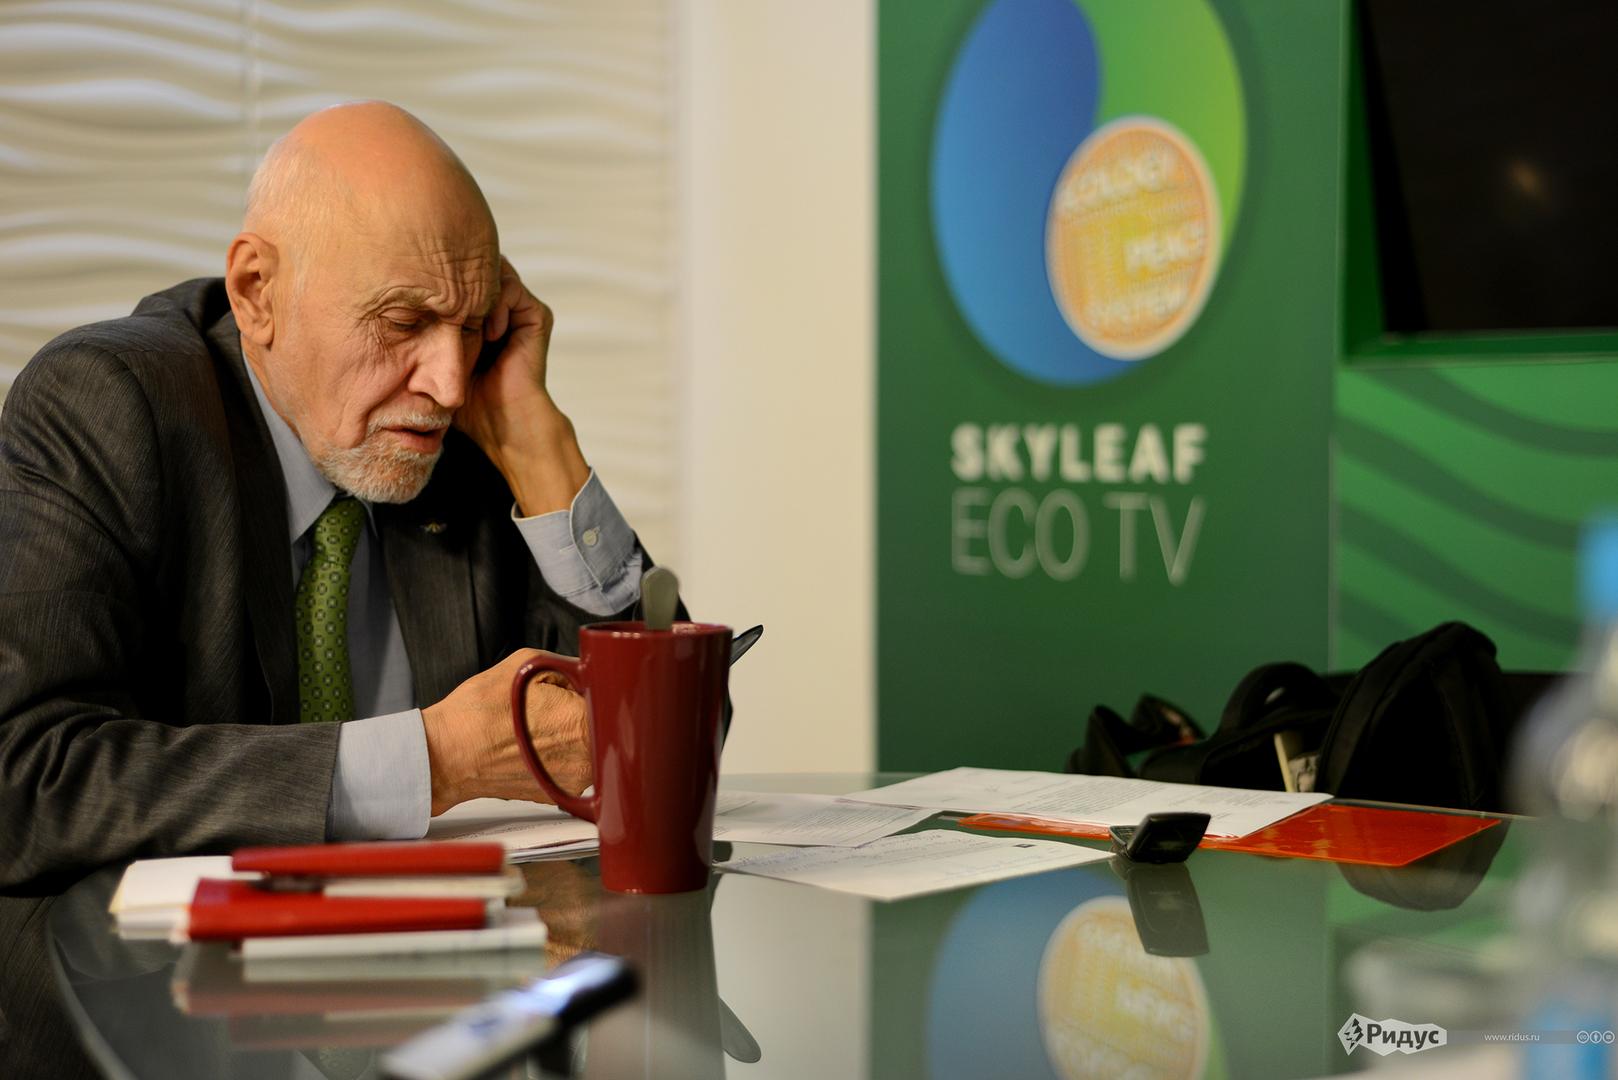 SkyLeaf Eco Tv / Эко ТВ / Николай Дроздов